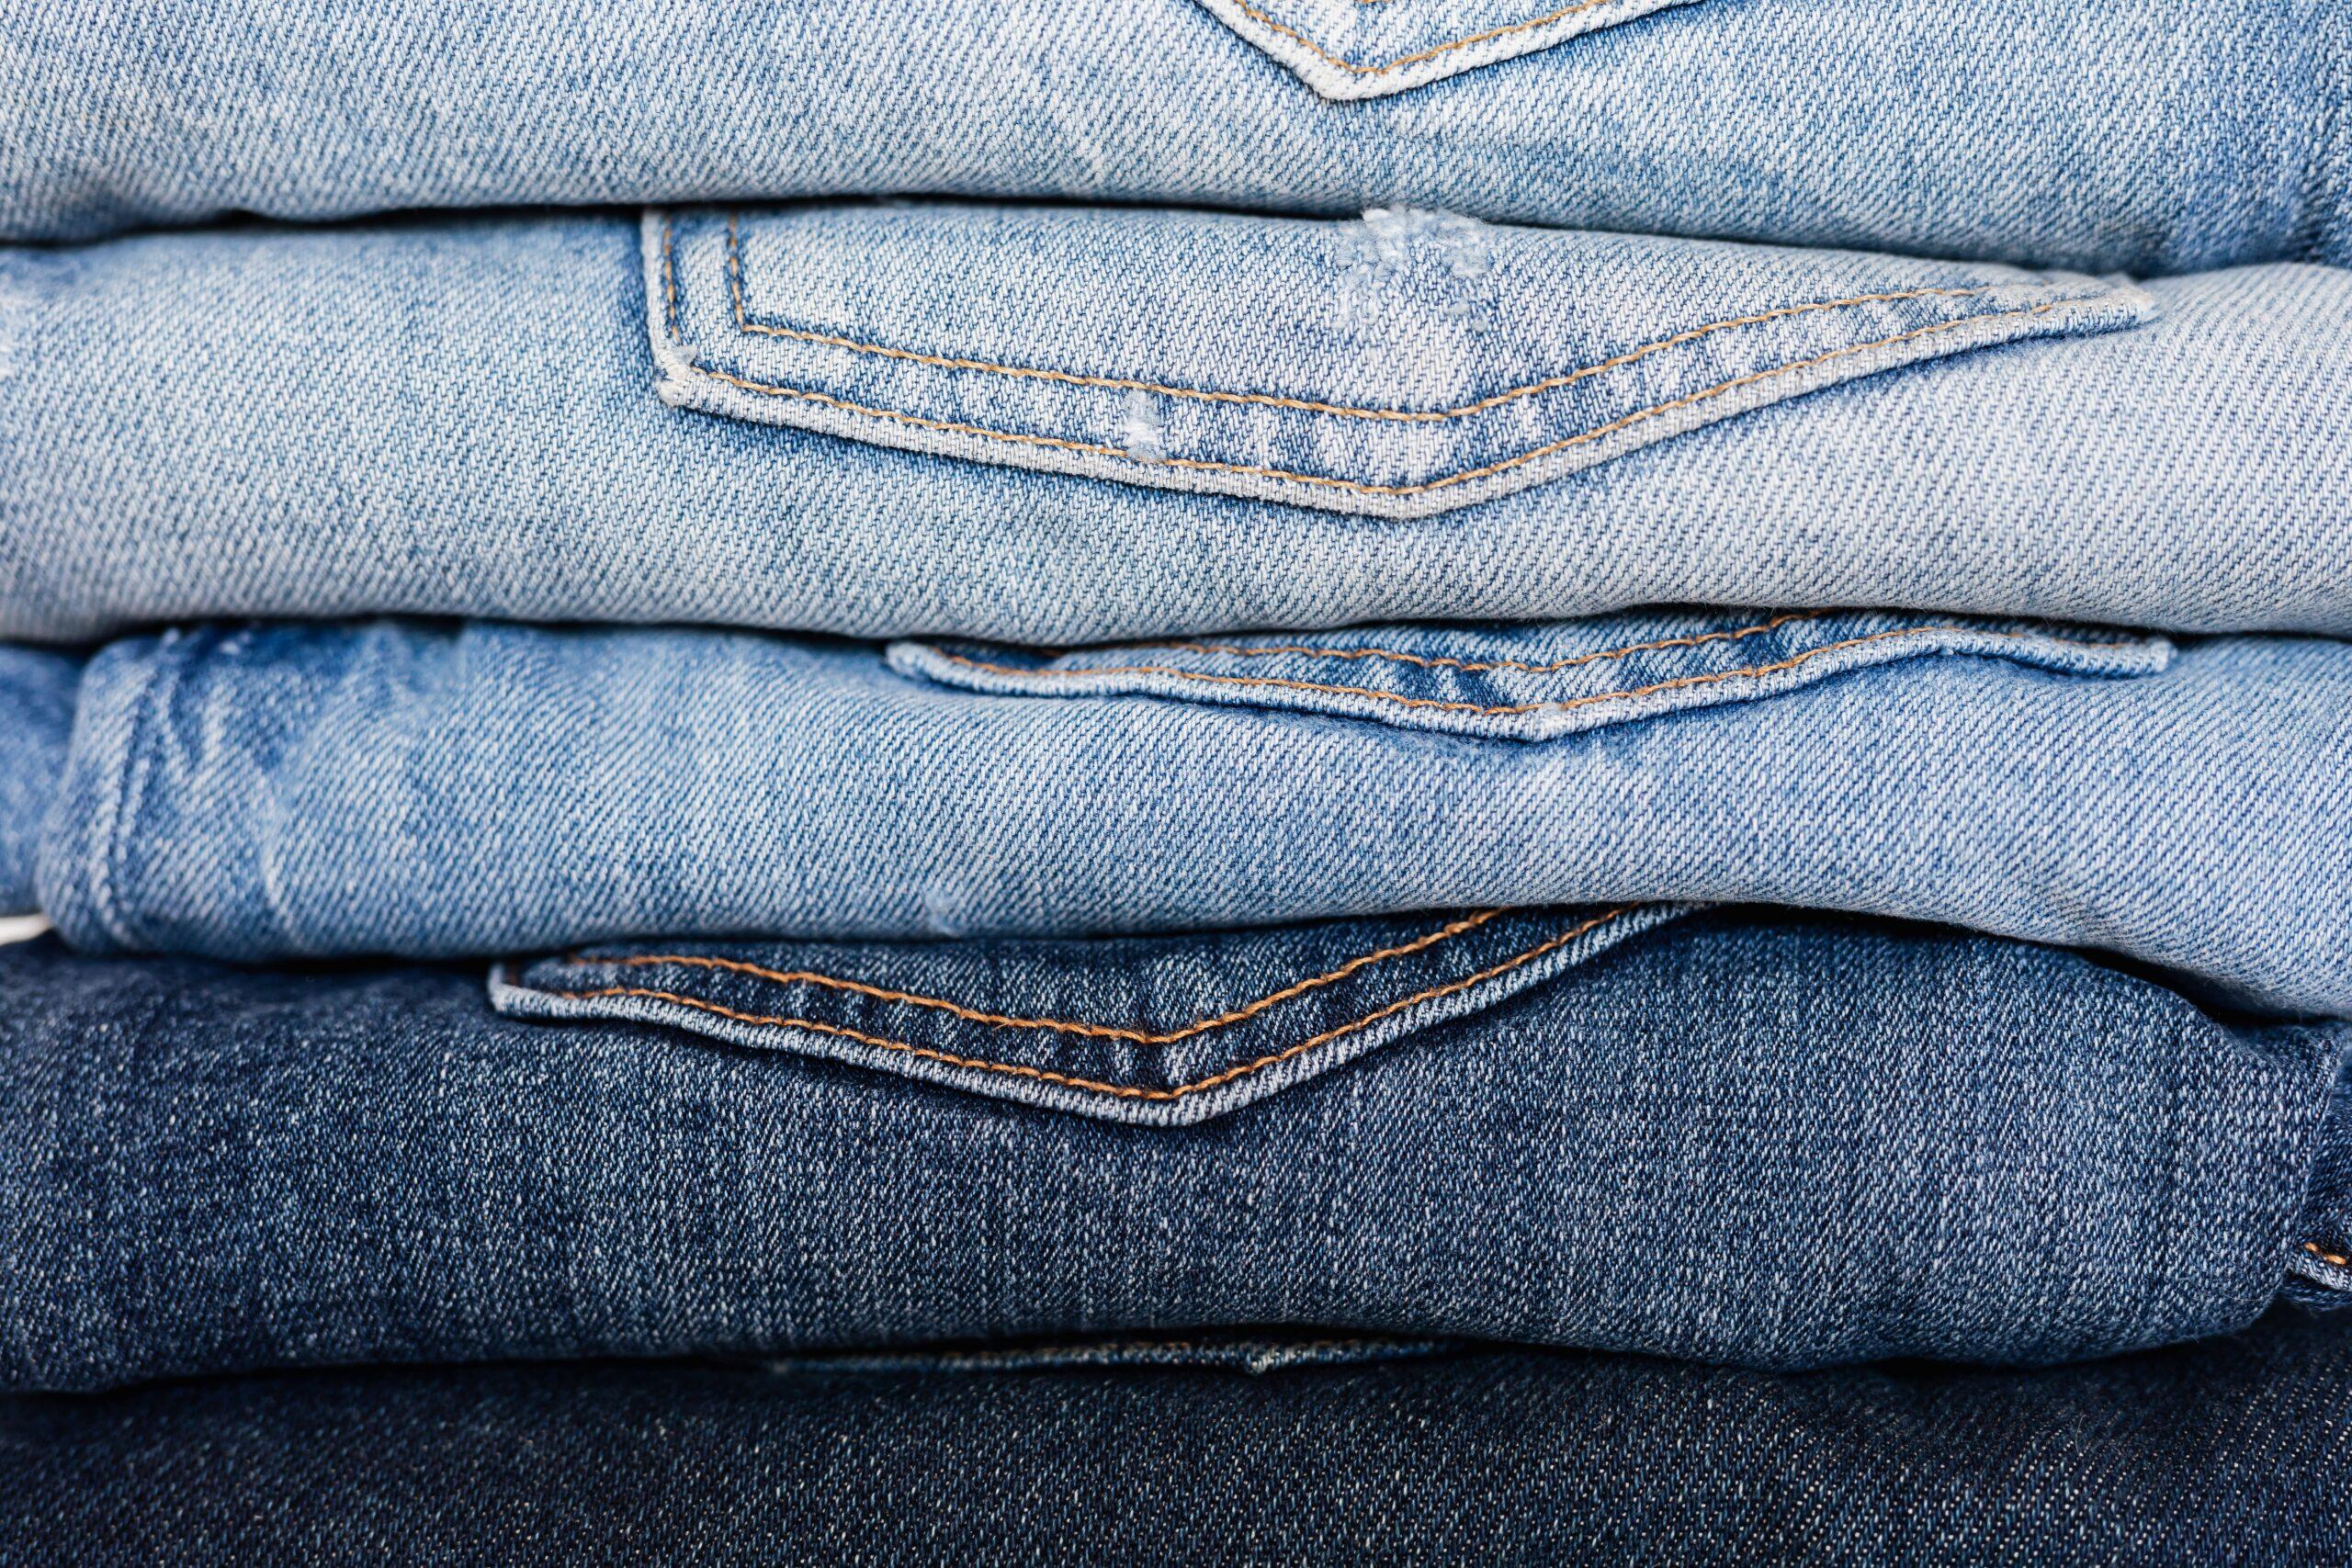 folded dark jeans